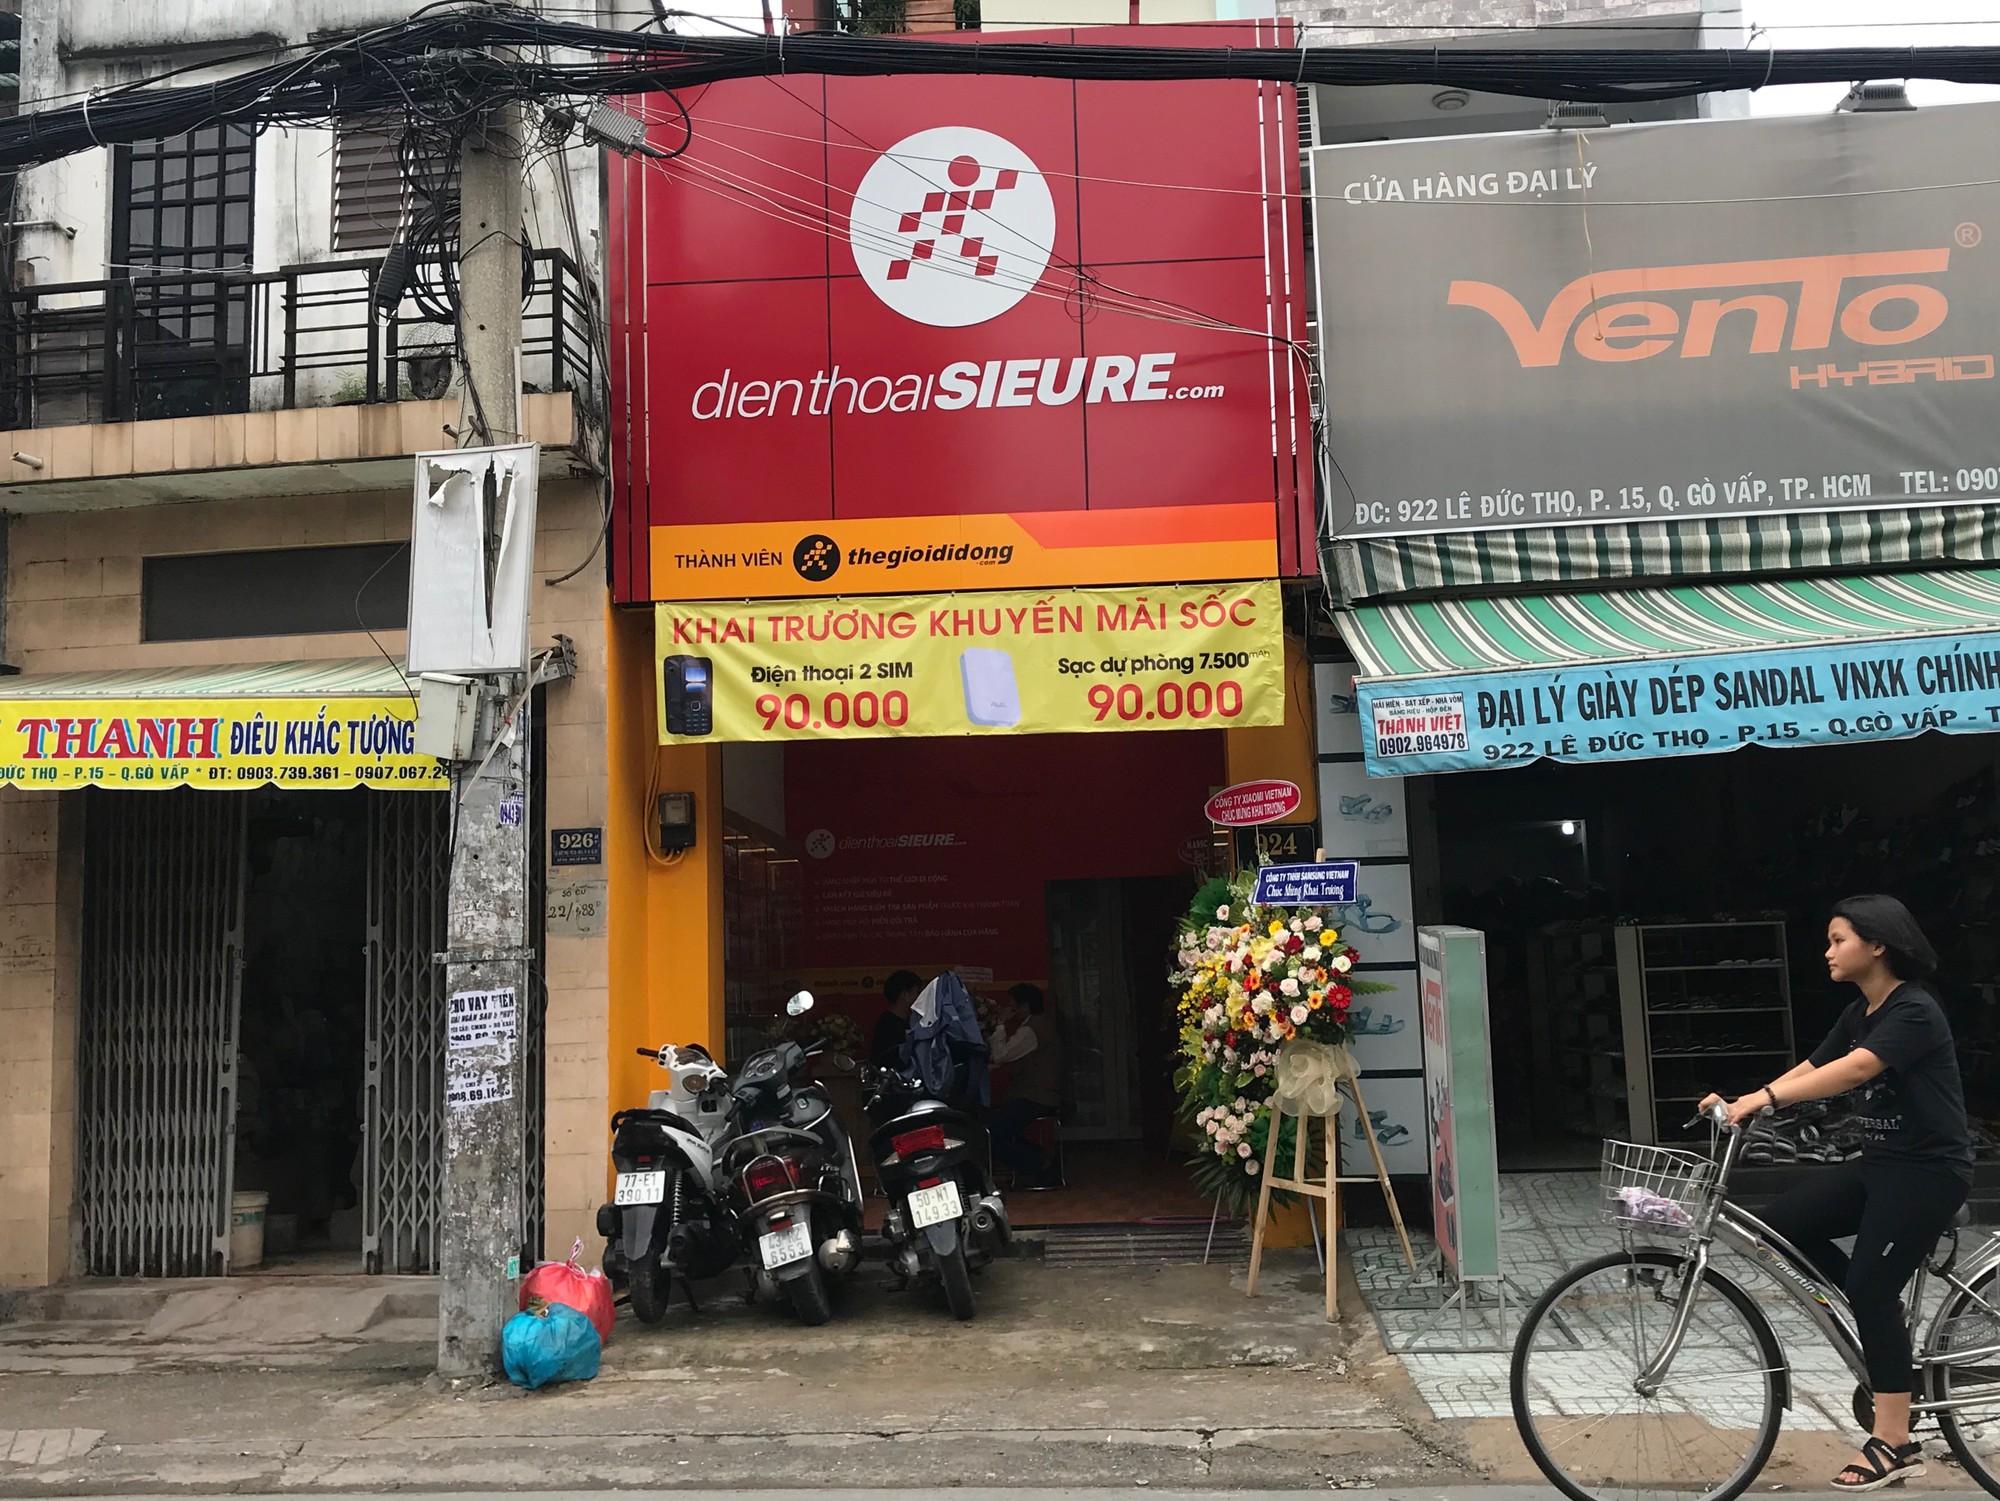 Thế Giới Di Động bất ngờ đóng cửa chuỗi cửa hàng Điện Thoại Siêu Rẻ - Ảnh 2.